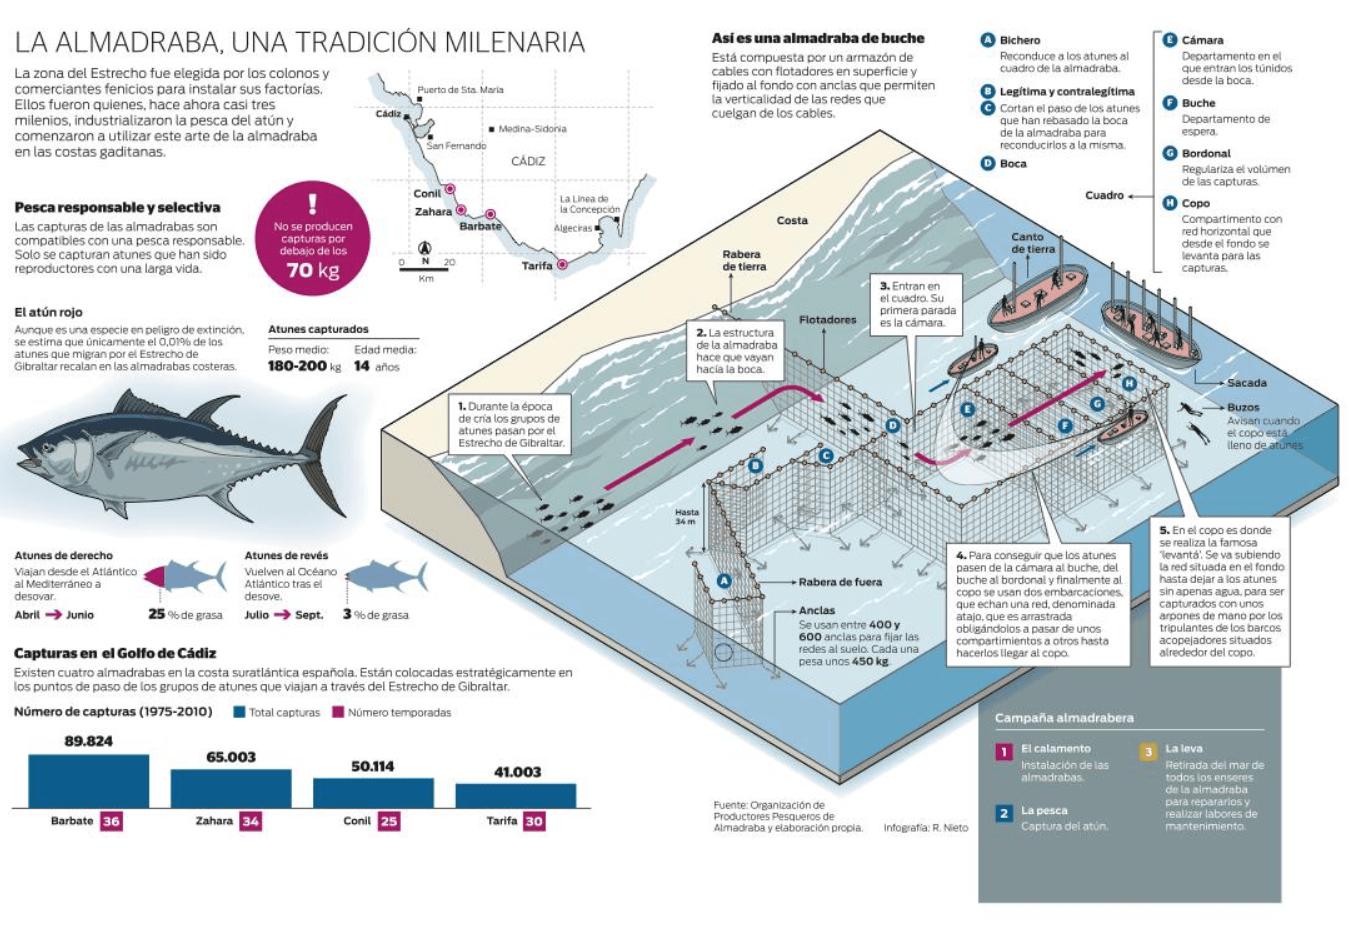 La Almadraba de Zahara de los Atunes 3.000 años de historia